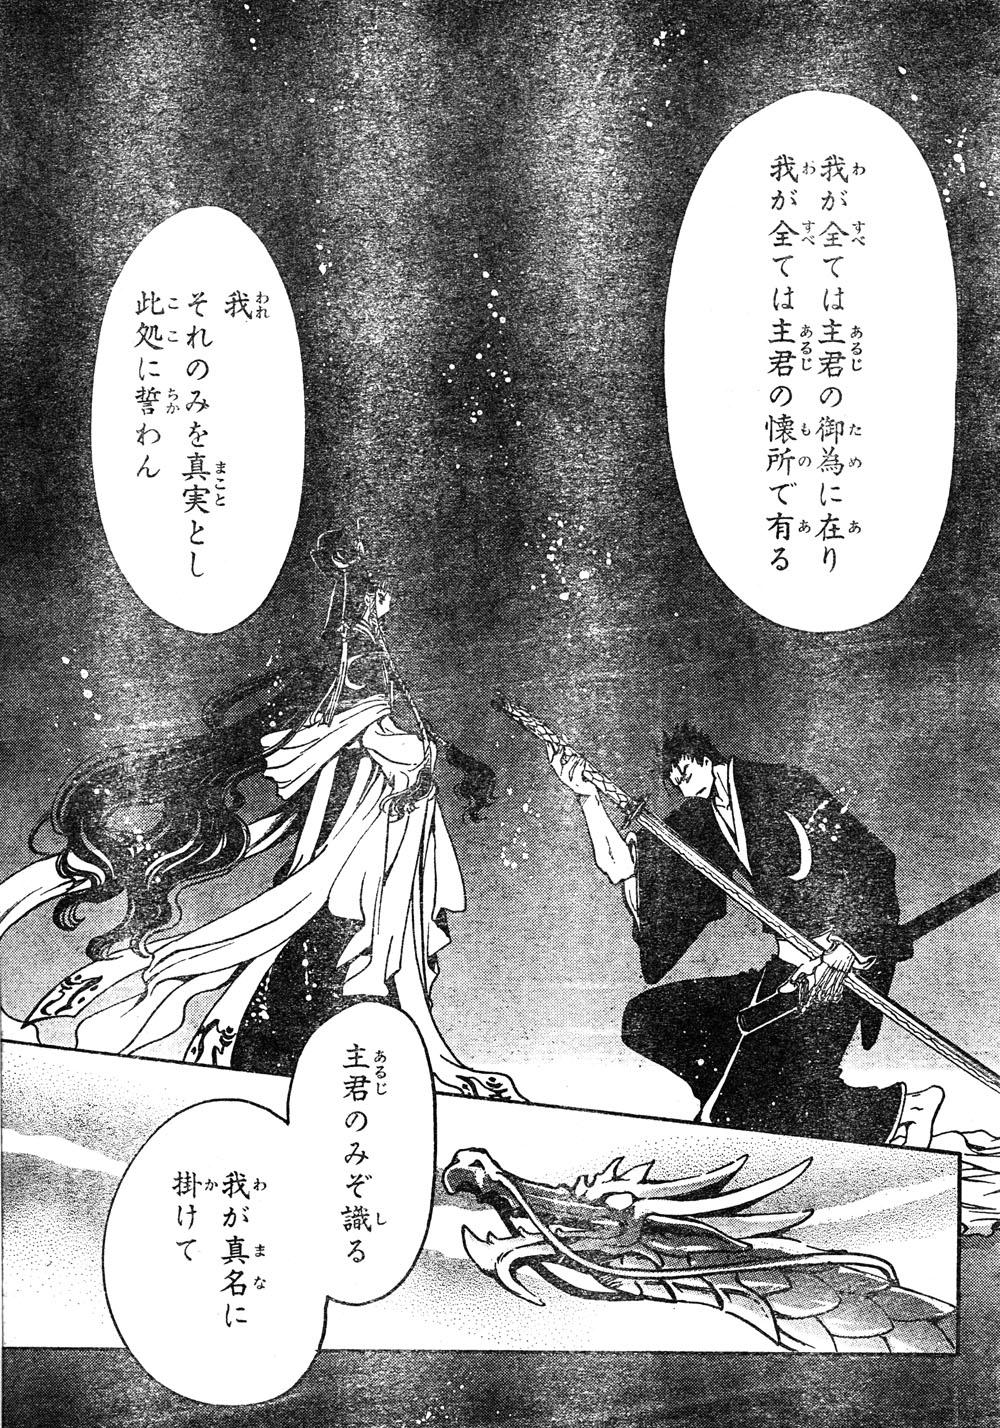 [漫畫] TSUBASA 182